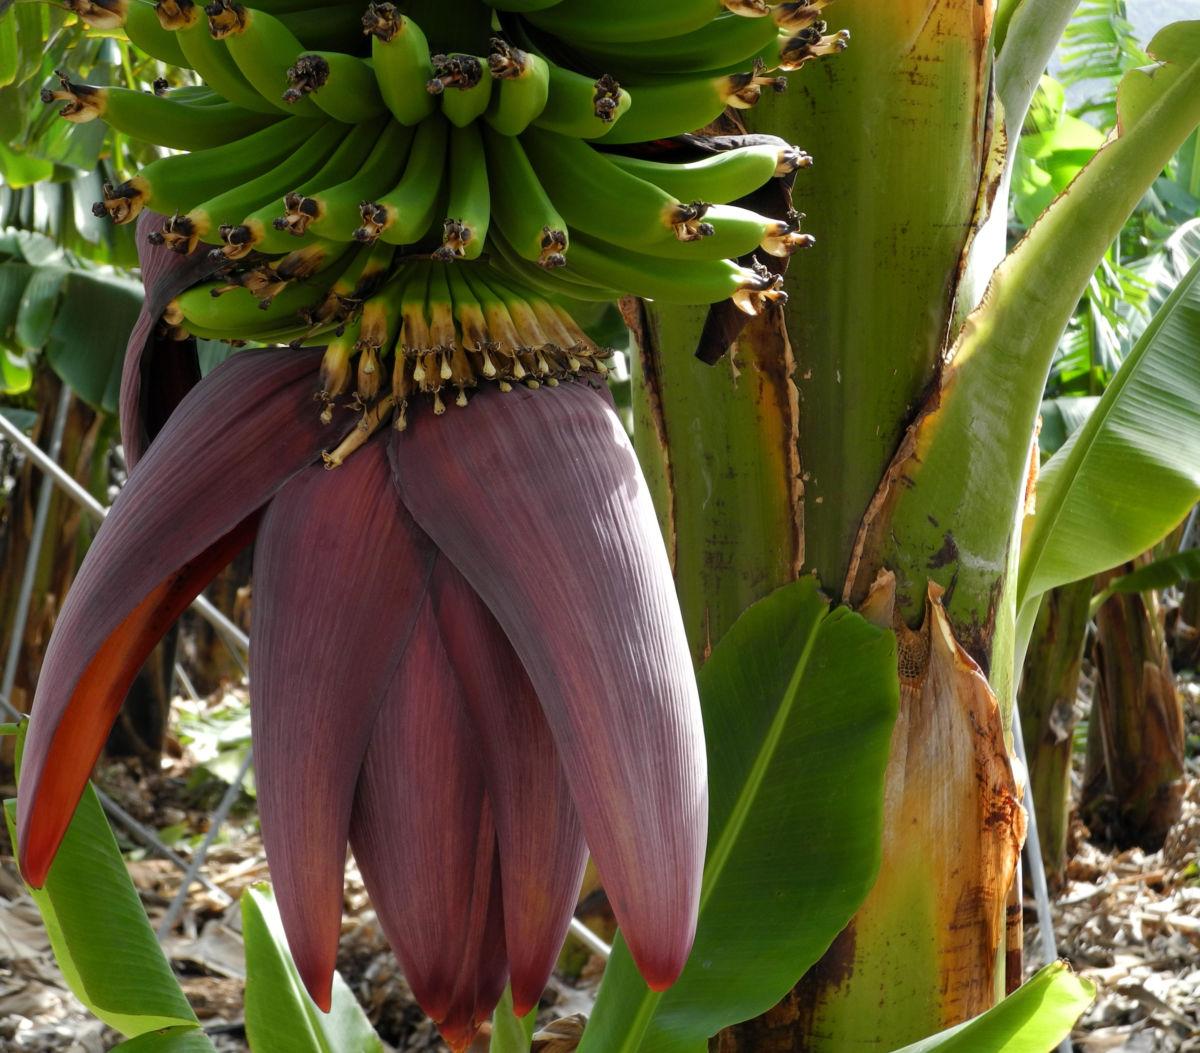 Banane Bluete rot braun Musa acuminata